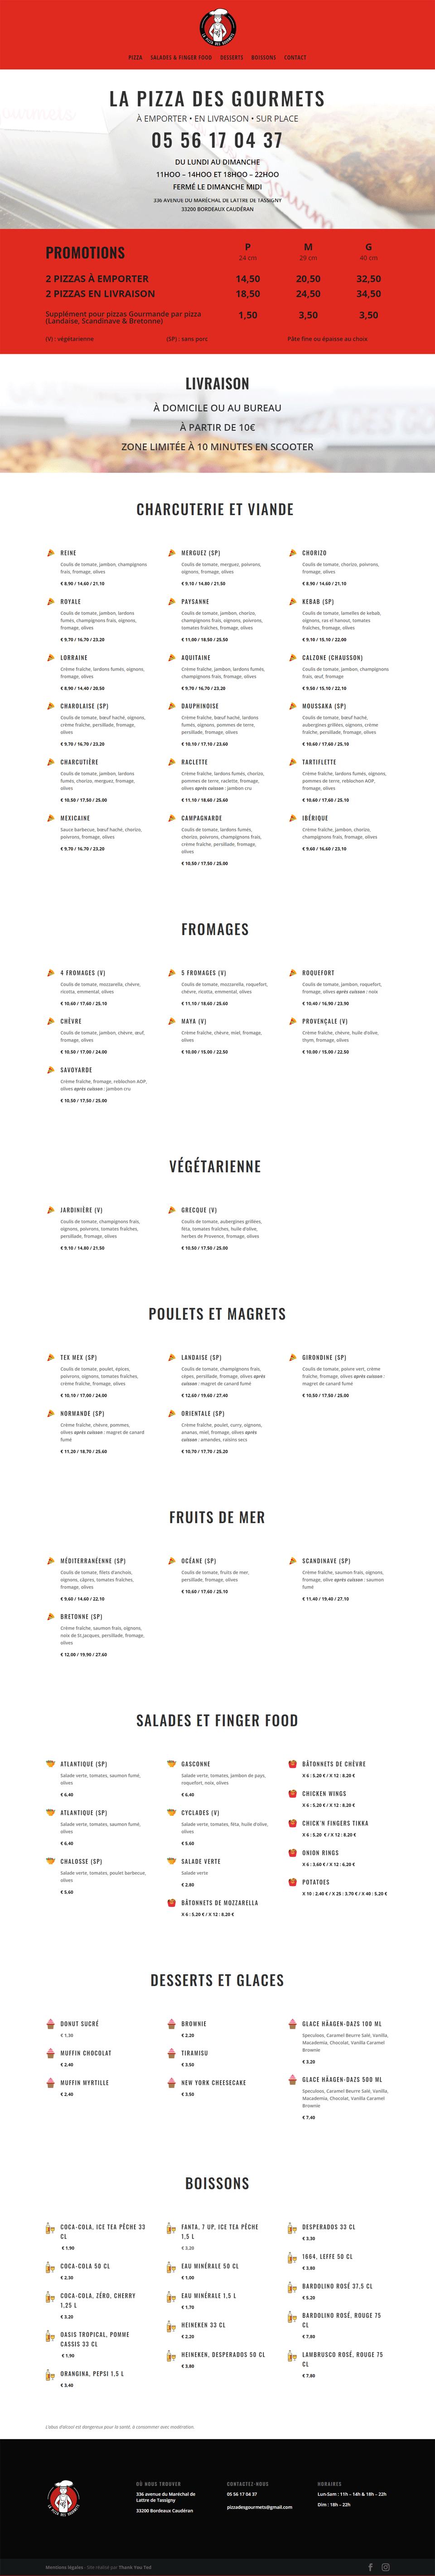 Page d'accueil de la Pizza des Gourmets